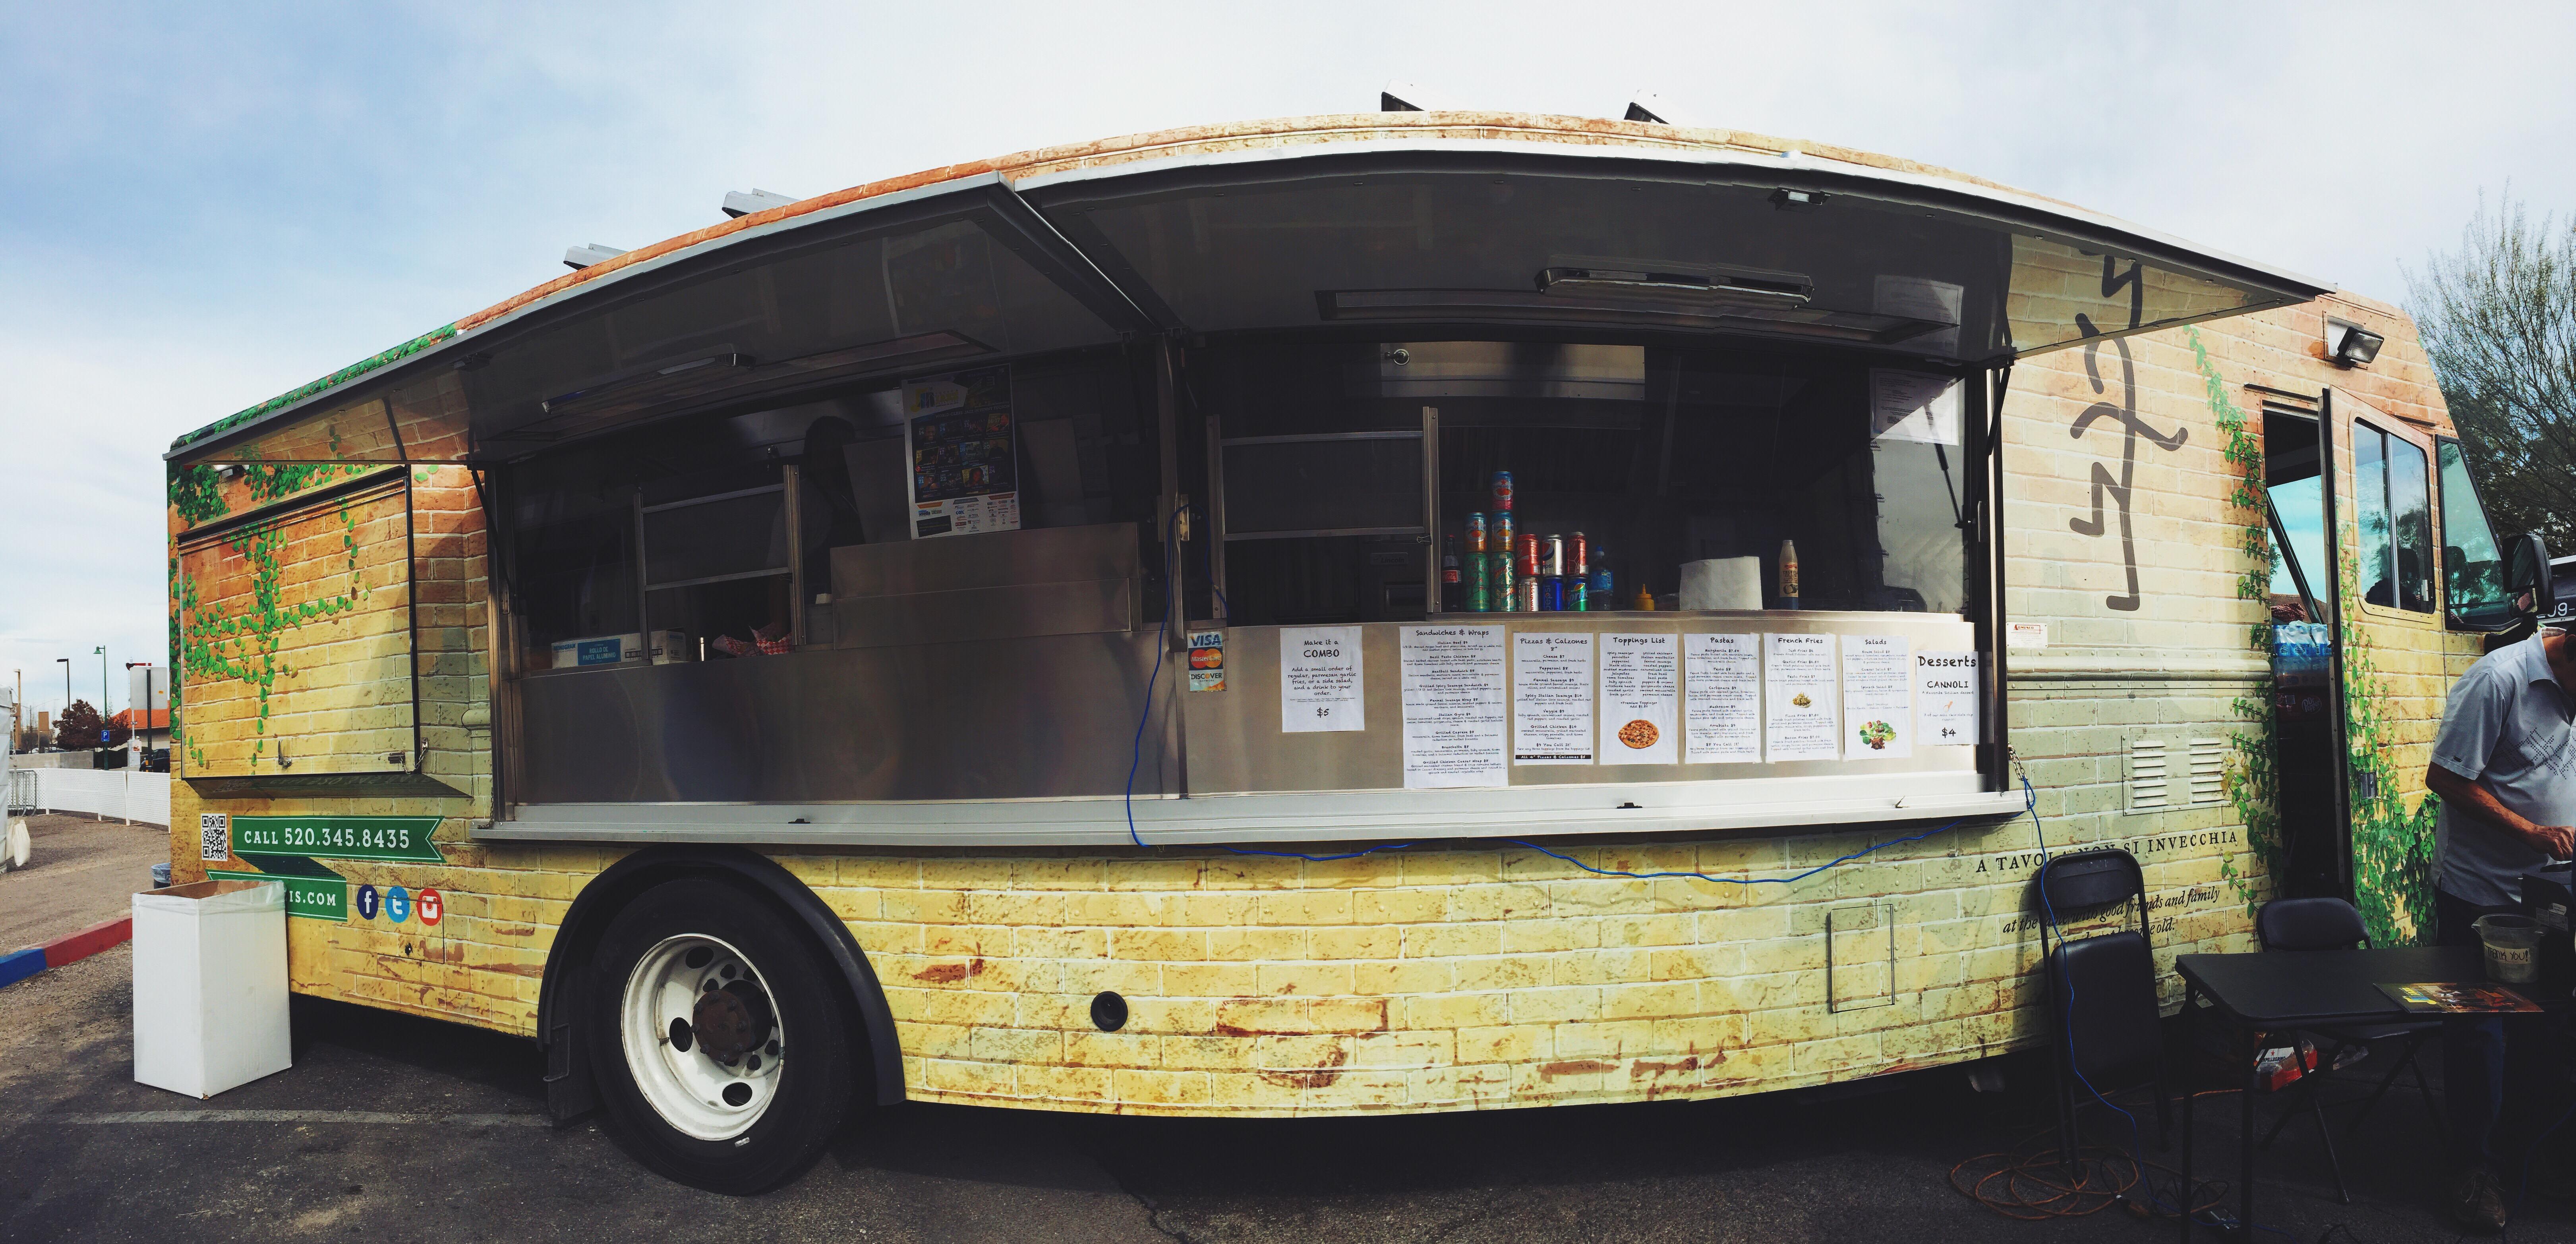 Jozarelli's Food Truck